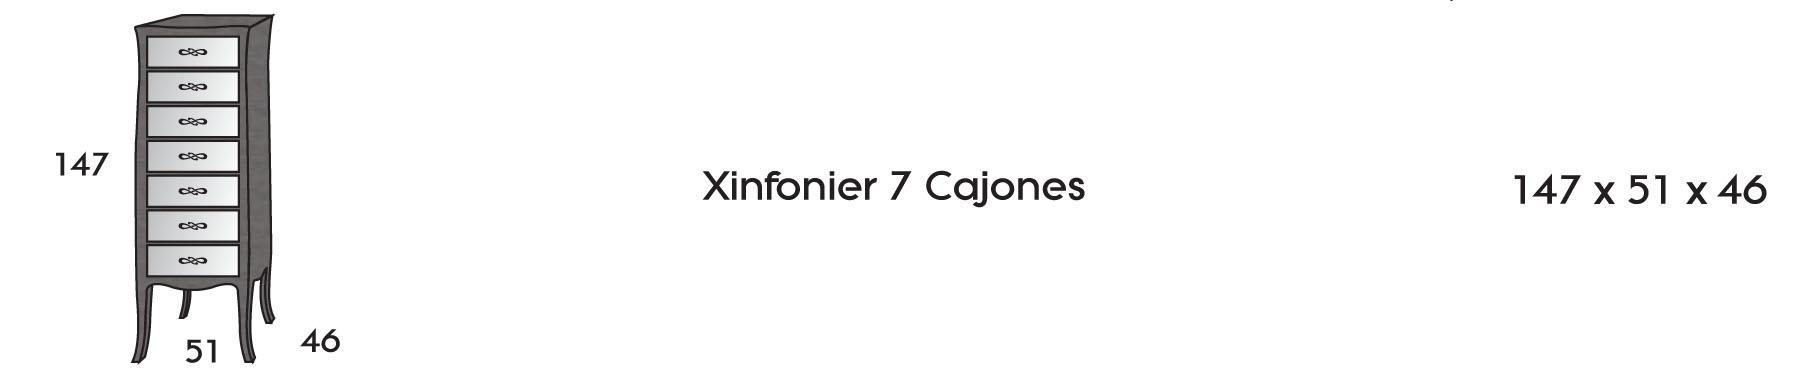 Sinfonier 7 cajones